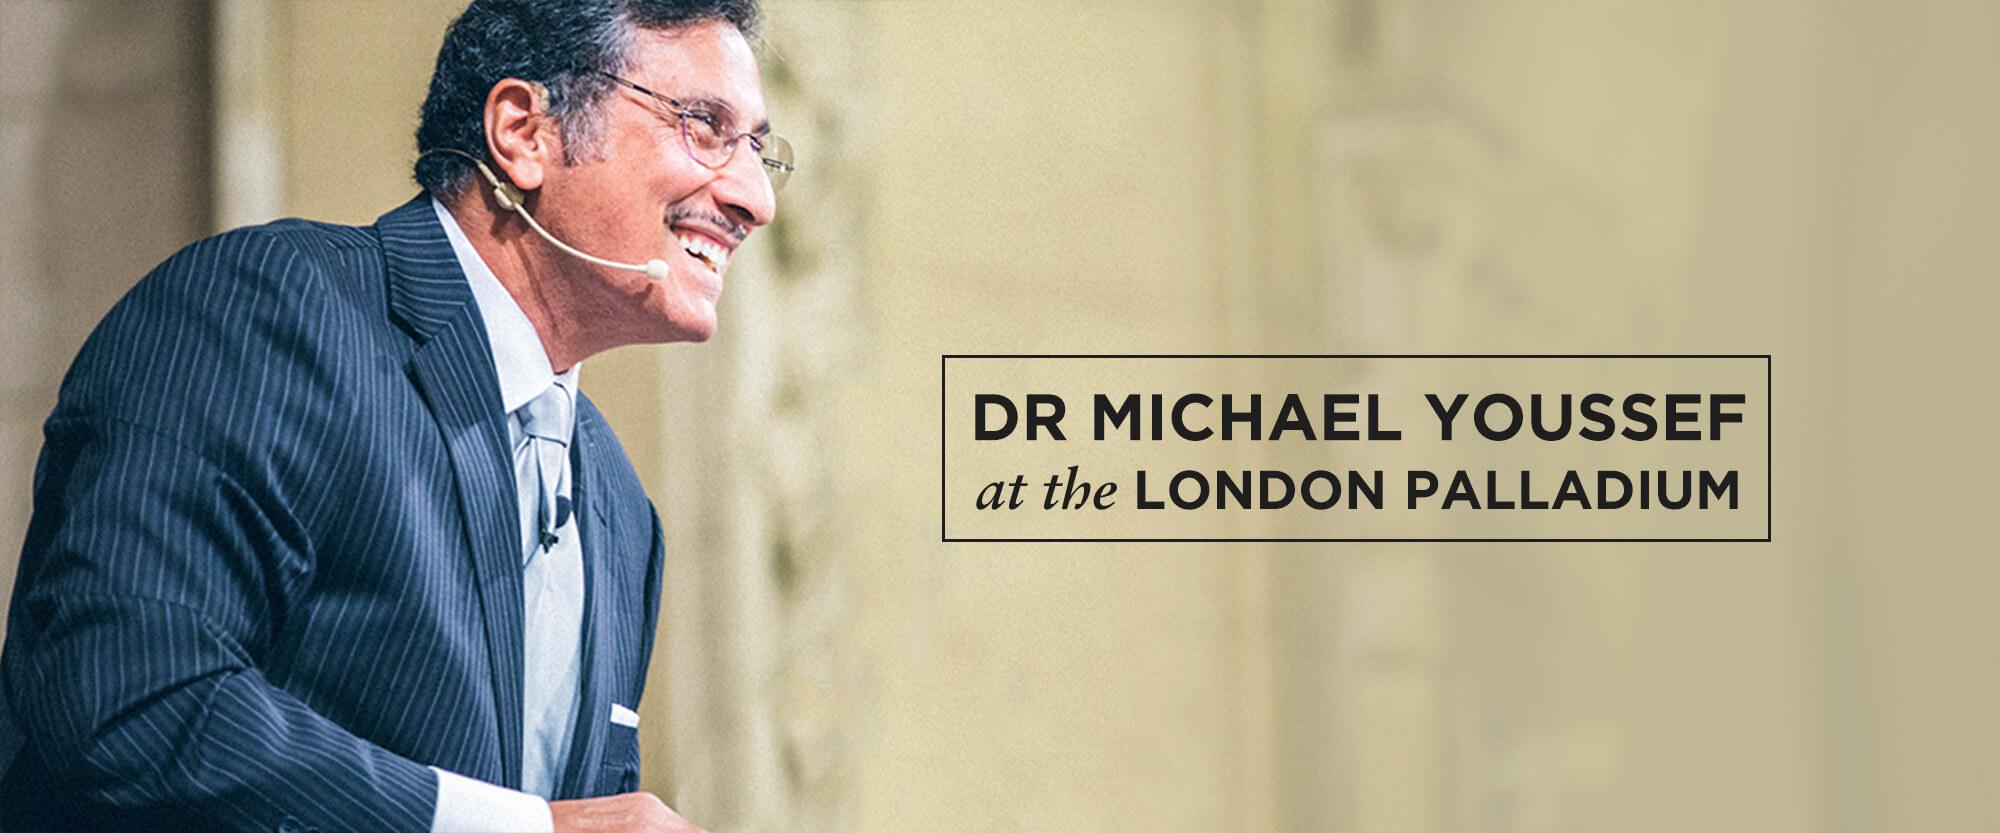 Revival in London